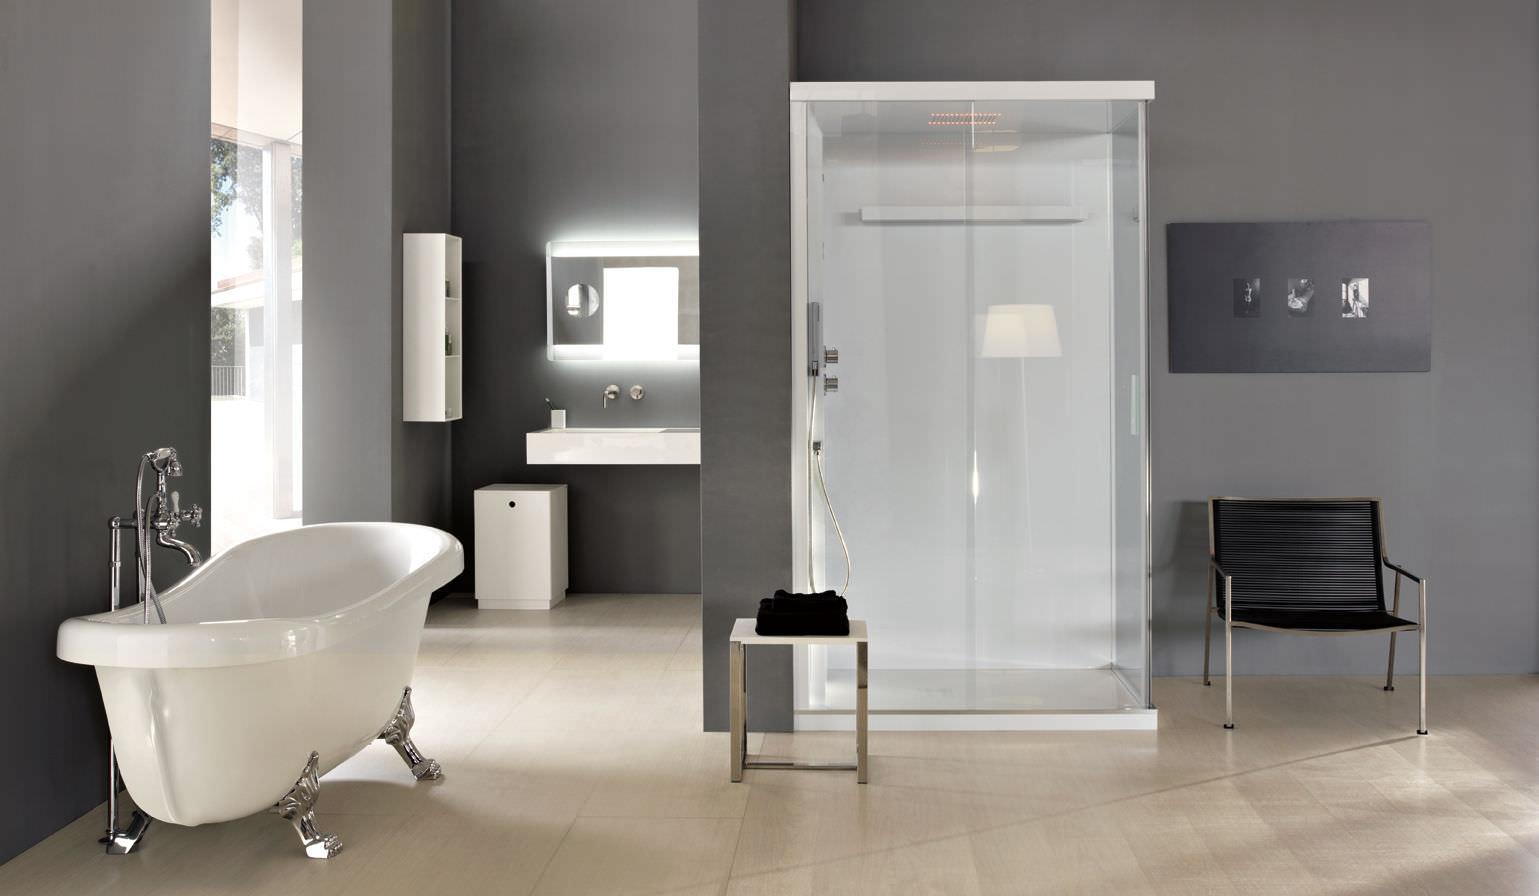 Cabine Doccia Multifunzione : Cabine doccia multifunzione cabine doccia